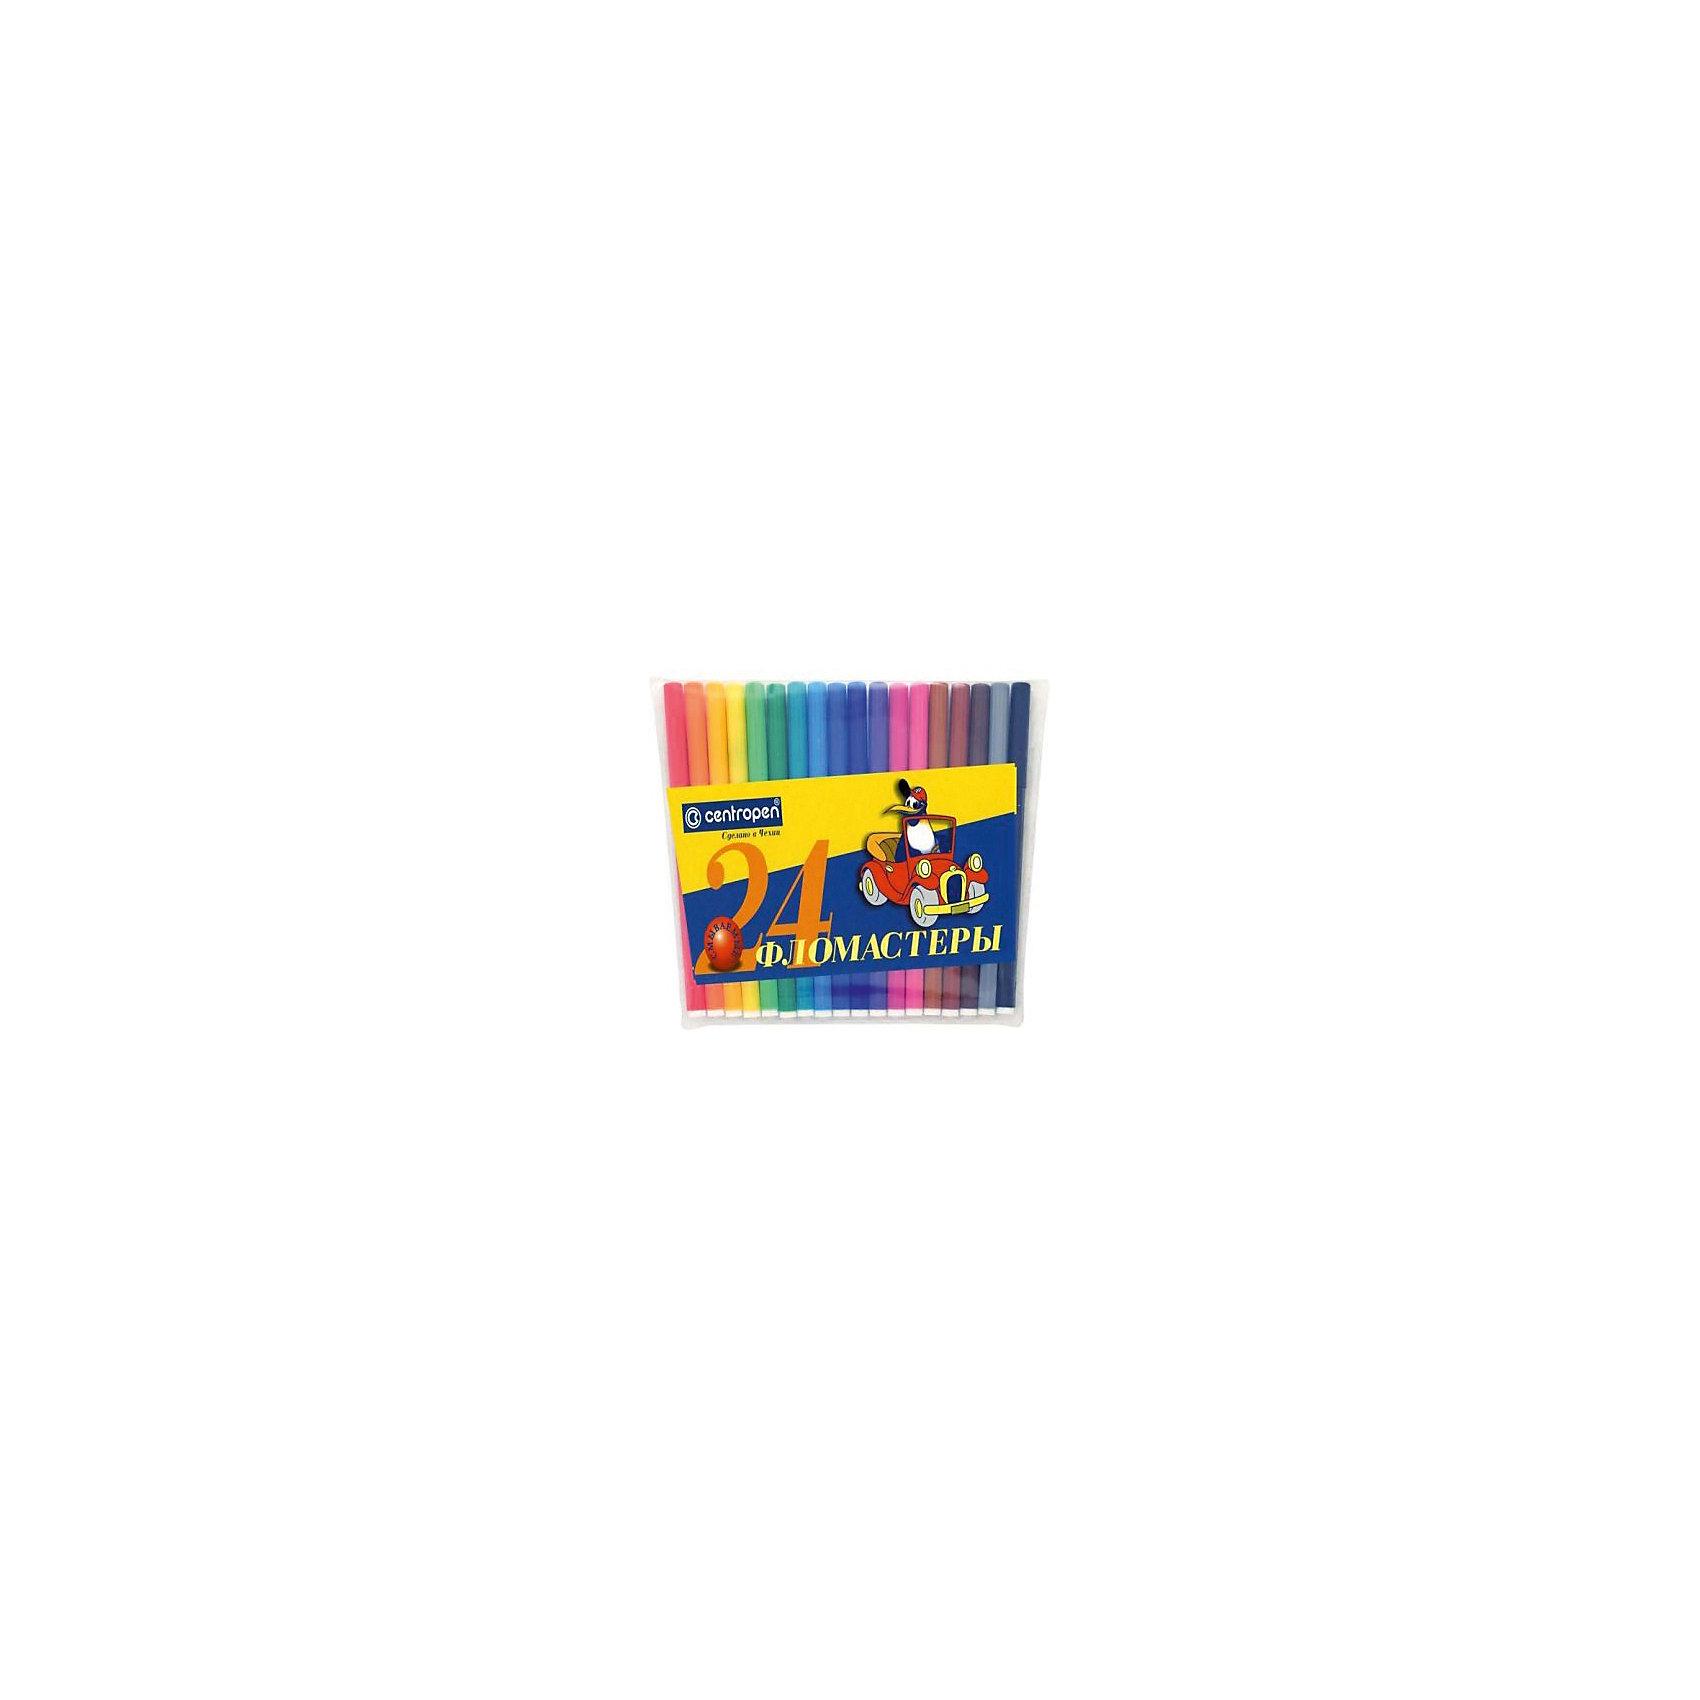 - Фломастеры, 24 цв., Centropen цветной сургуч перо для письма купить в украине